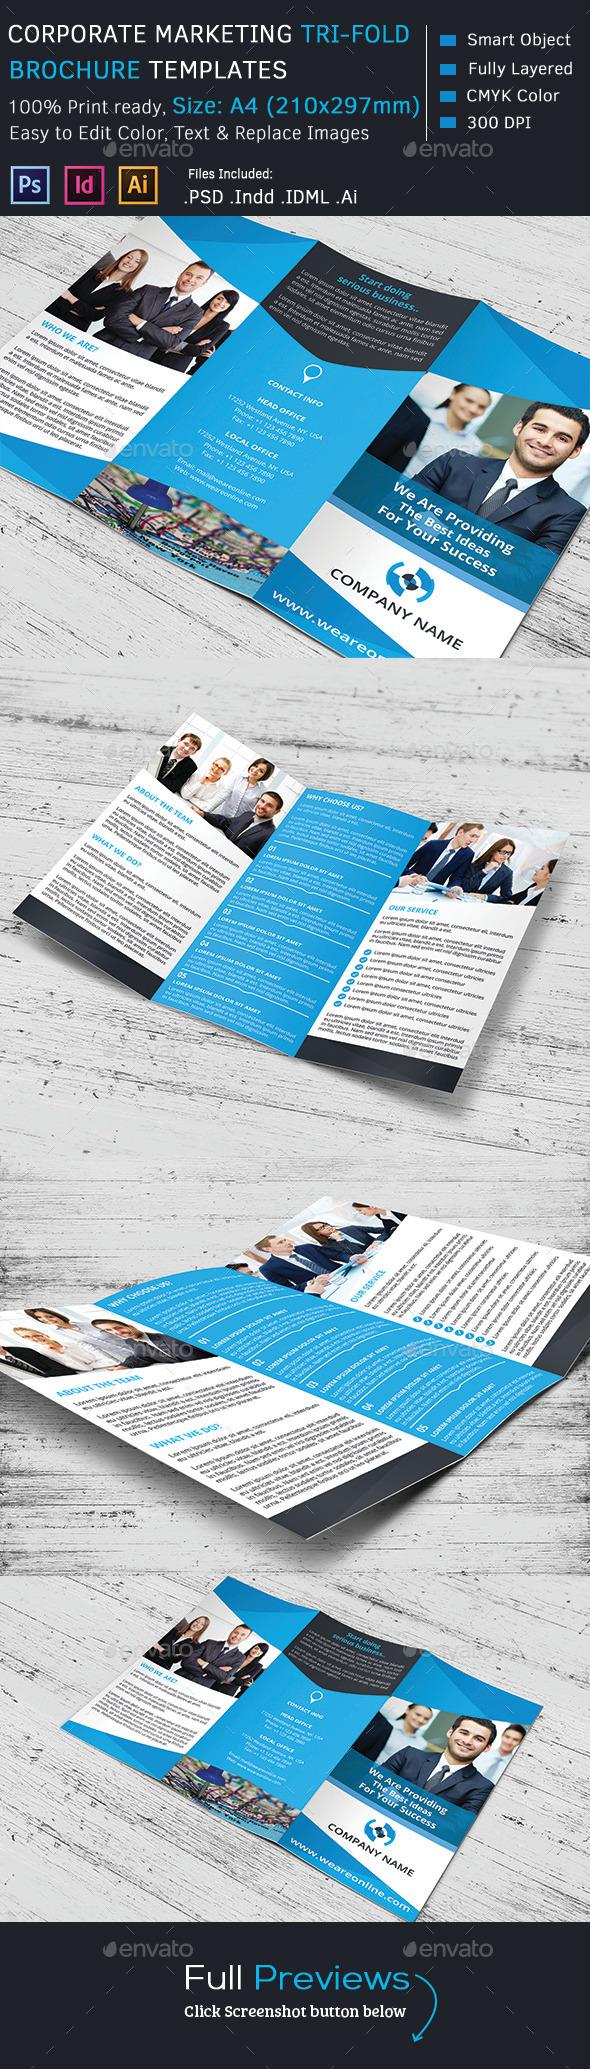 Corporate Marketing Tri-Fold Brochure - Corporate Brochures